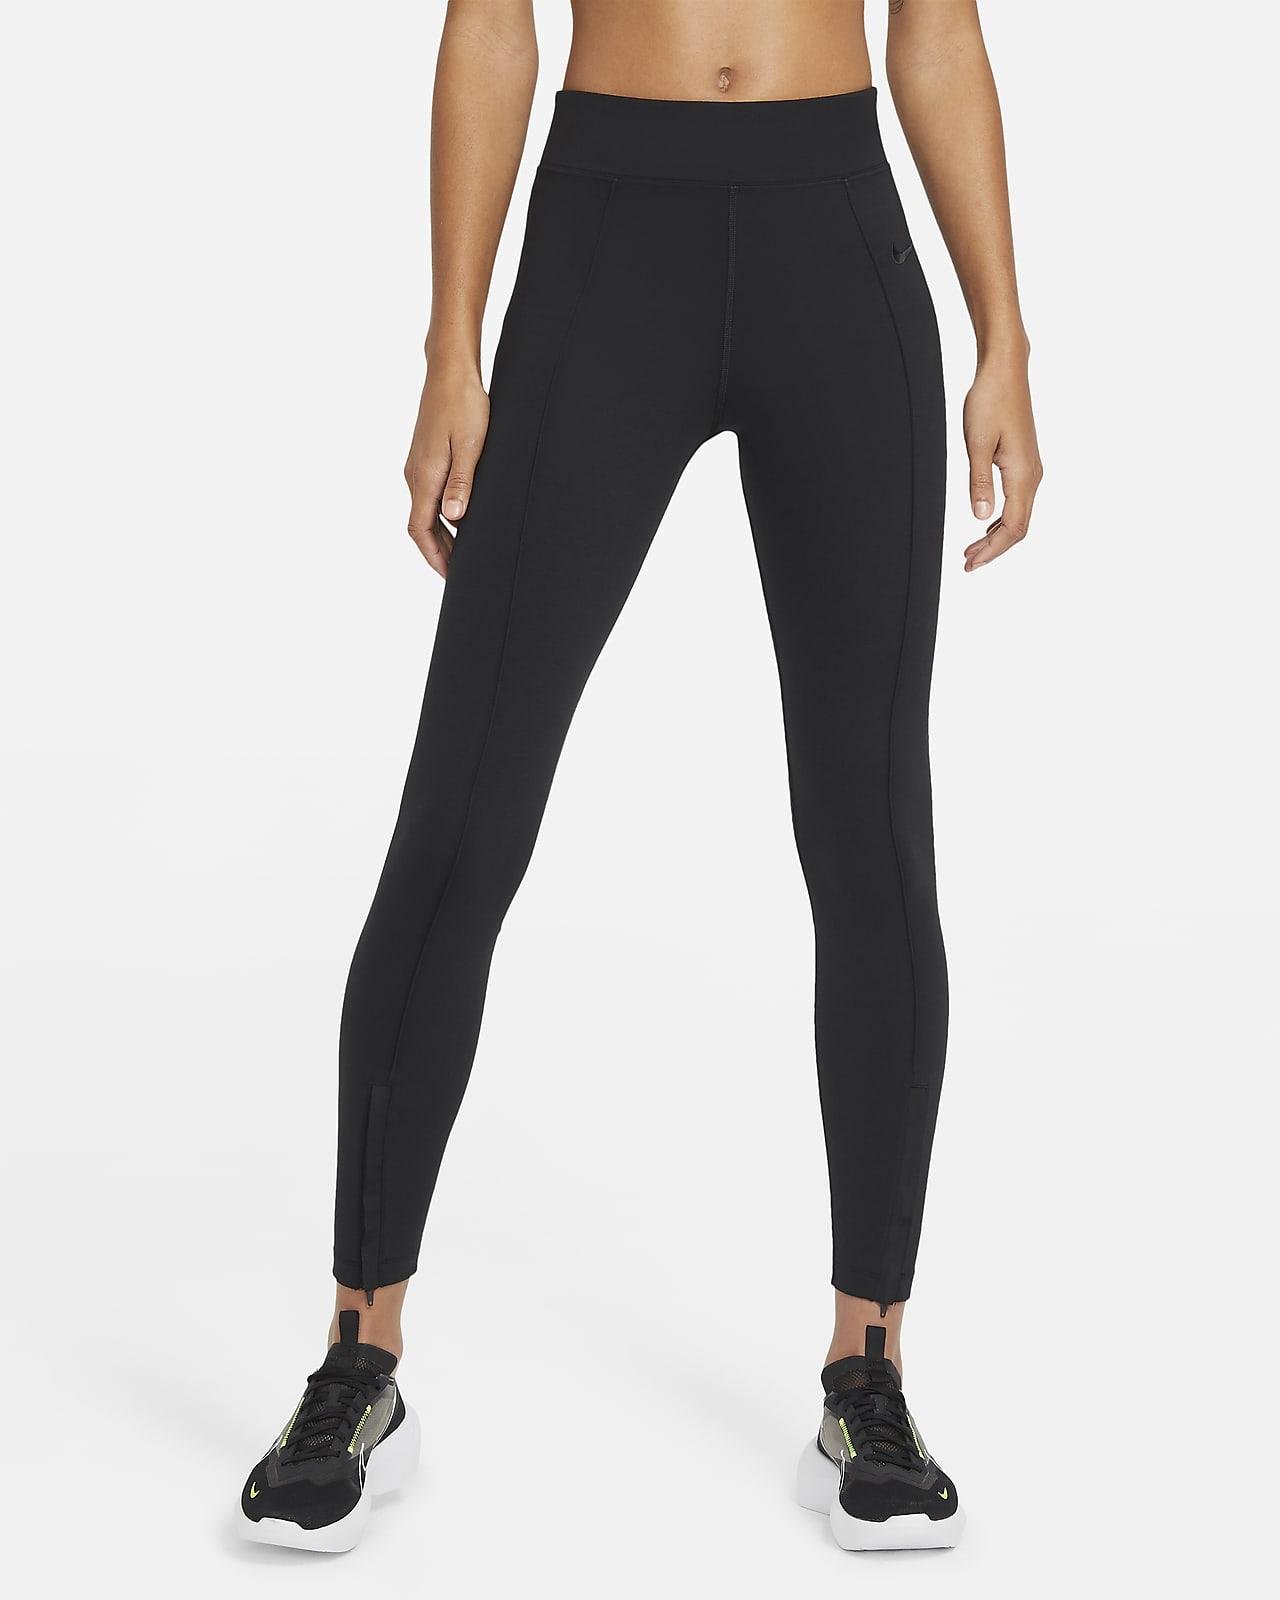 Nike Sportswear Leg-A-See Leggings de talle alto - Mujer